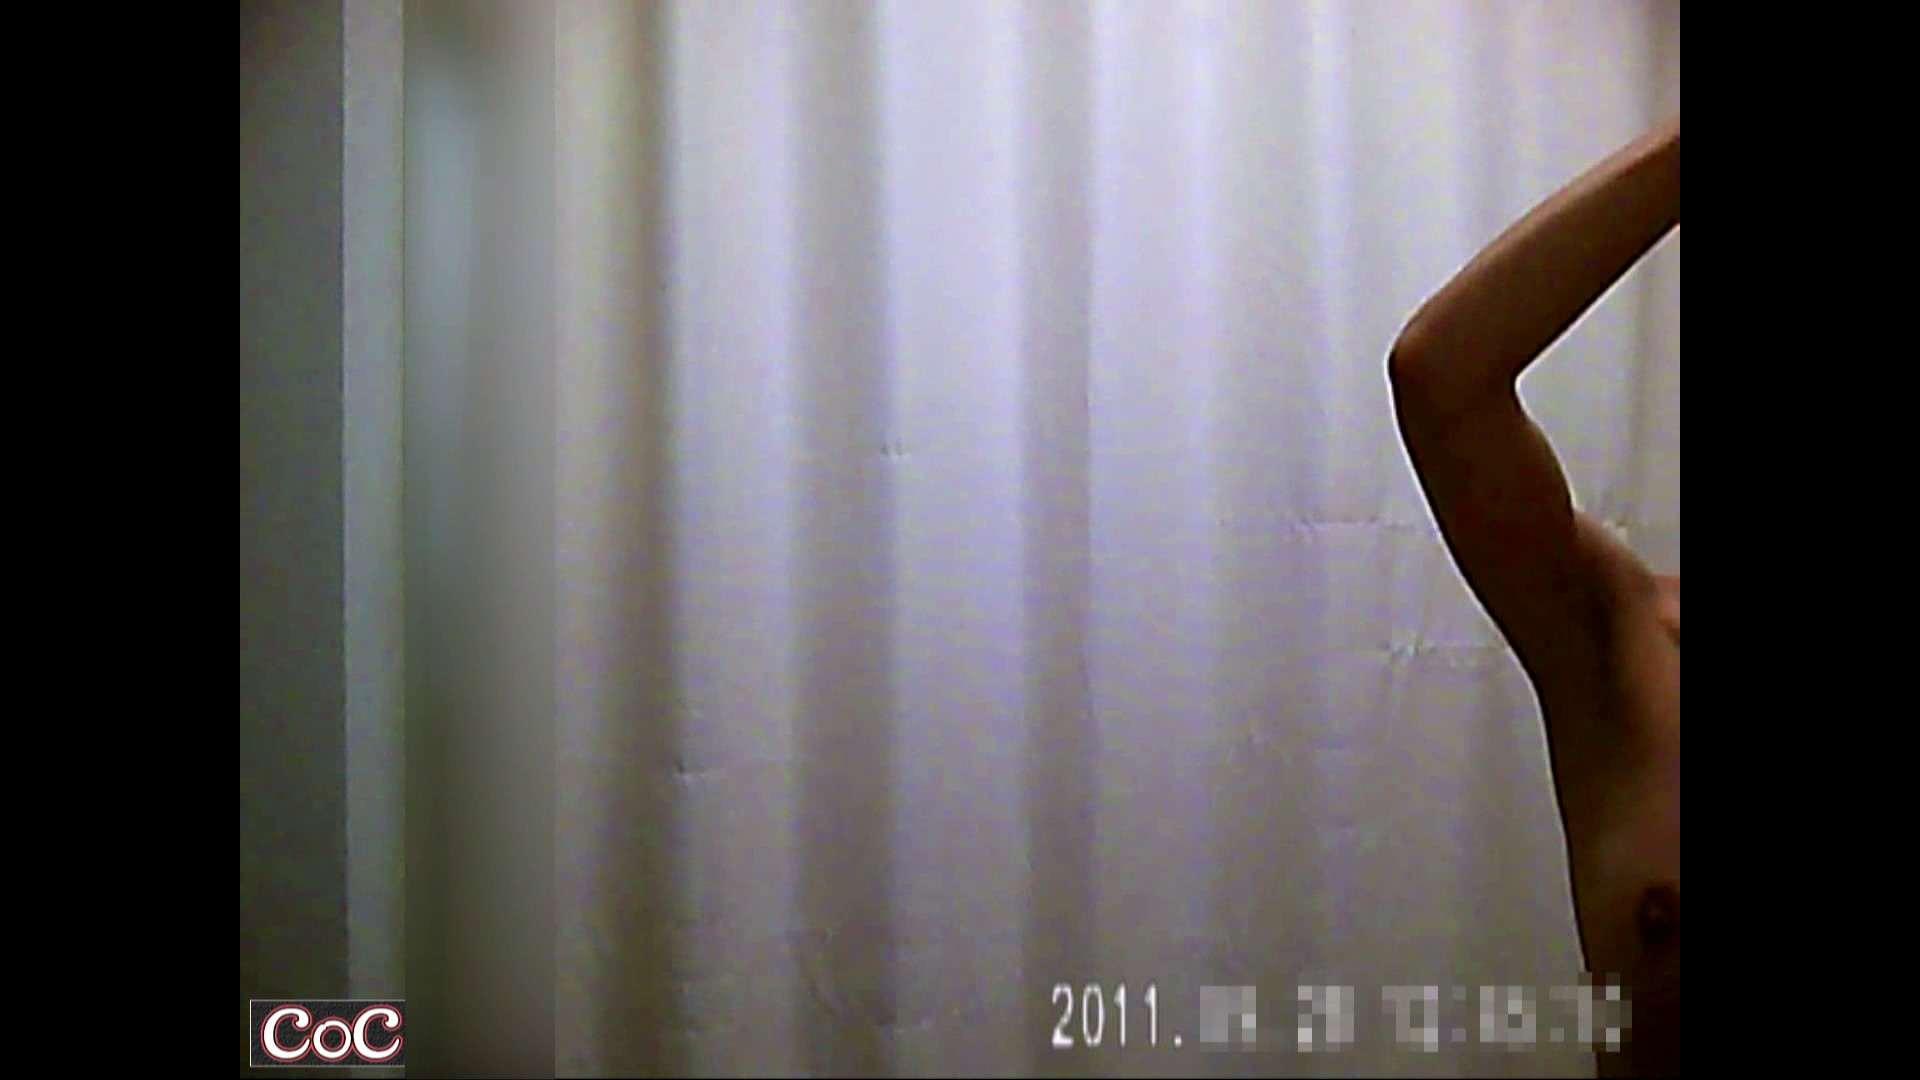 病院おもいっきり着替え! vol.41 乳首ポロリ のぞきエロ無料画像 99画像 53